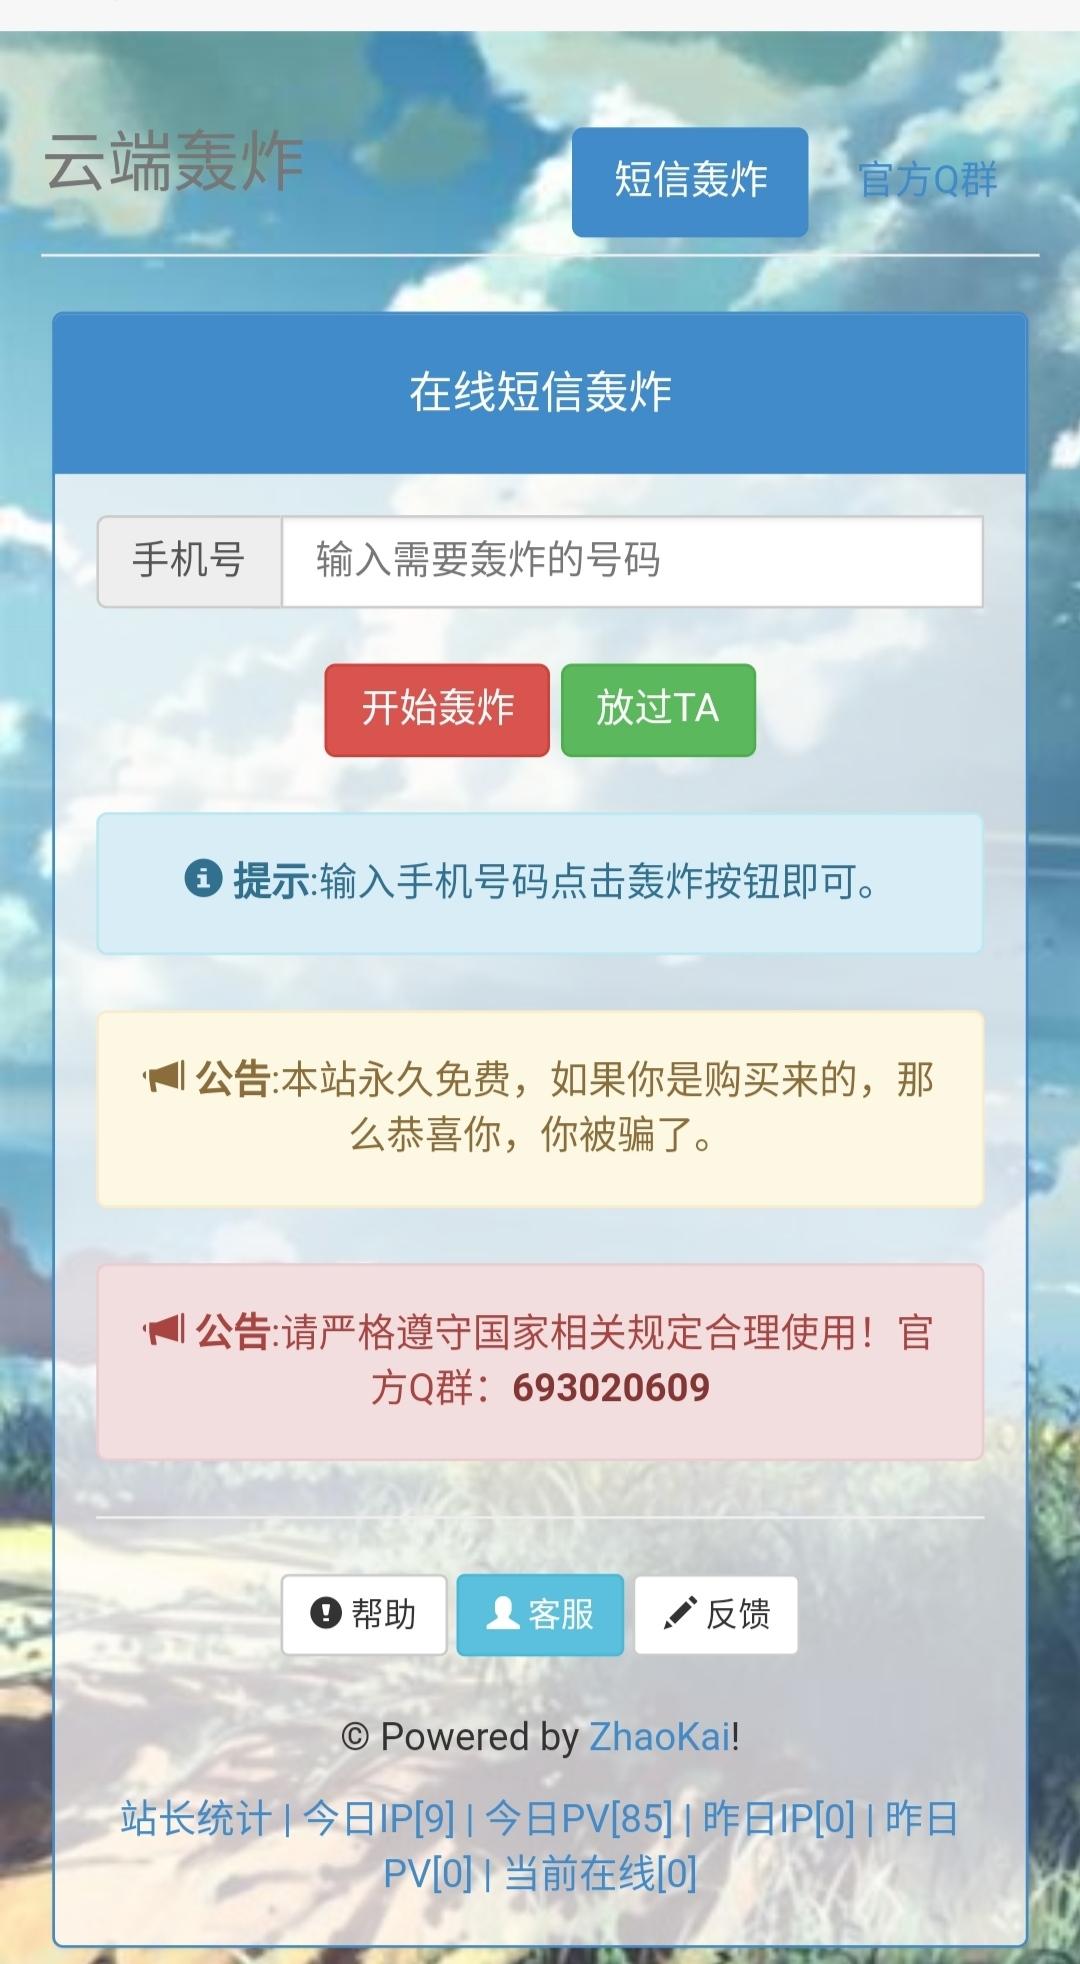 【源码】云端短信轰炸源码